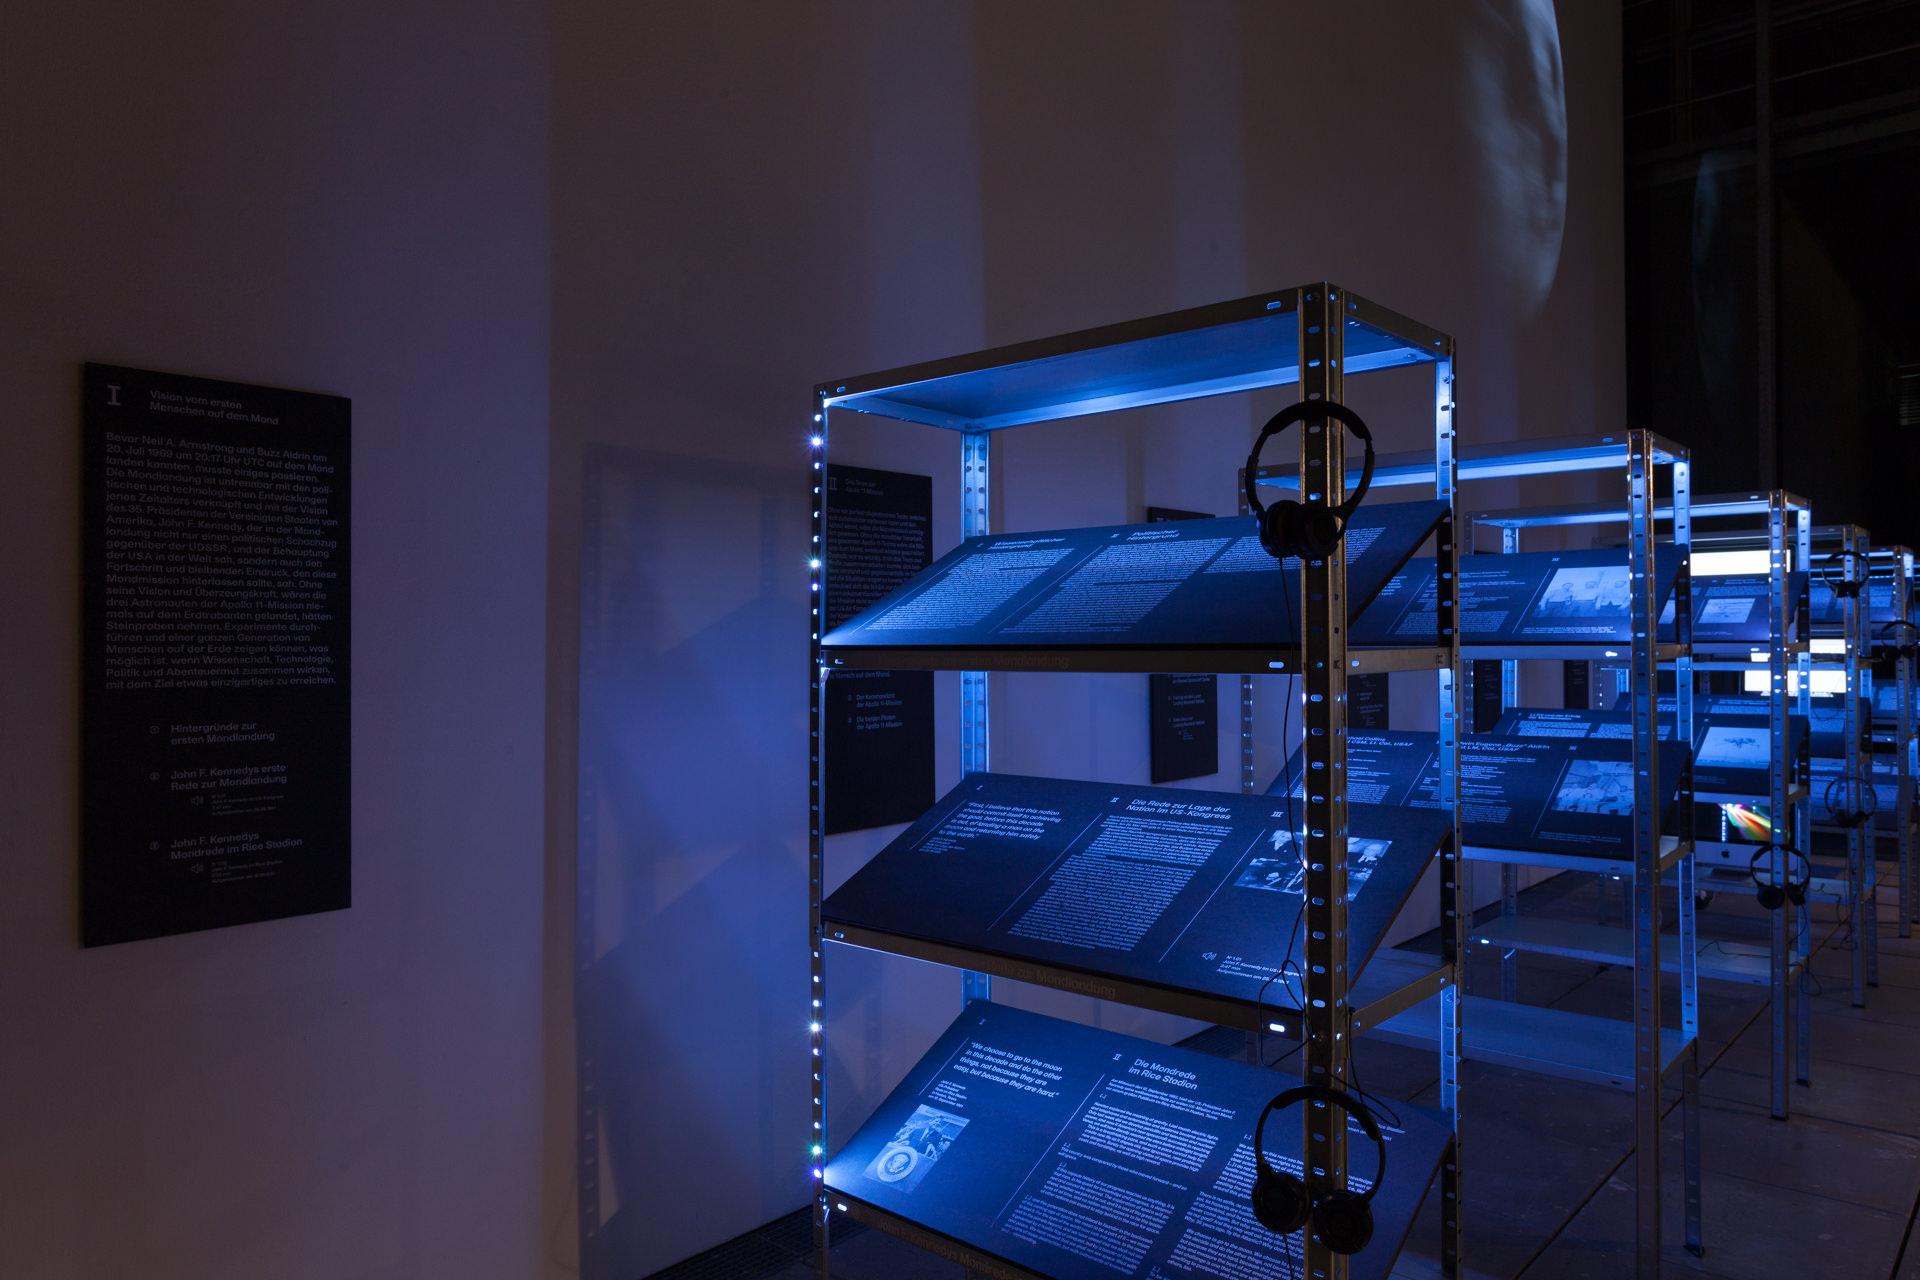 Schwerlastregale wurden zu Ausstellungsmöbeln umfunktioniert die als Informationsträger Grafik im Raum inszeniert haben.